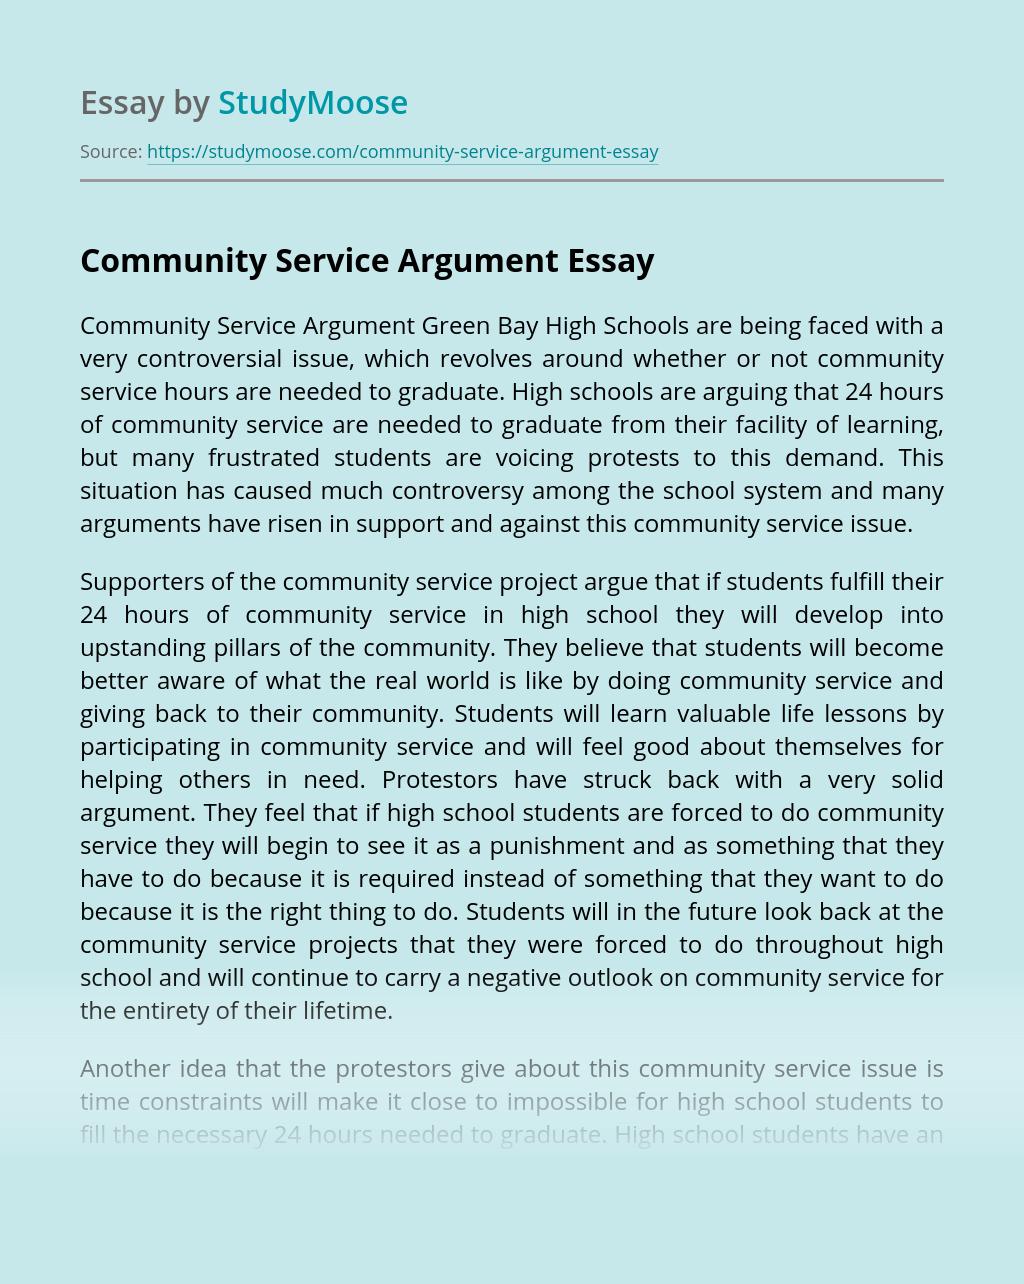 Community Service Argument